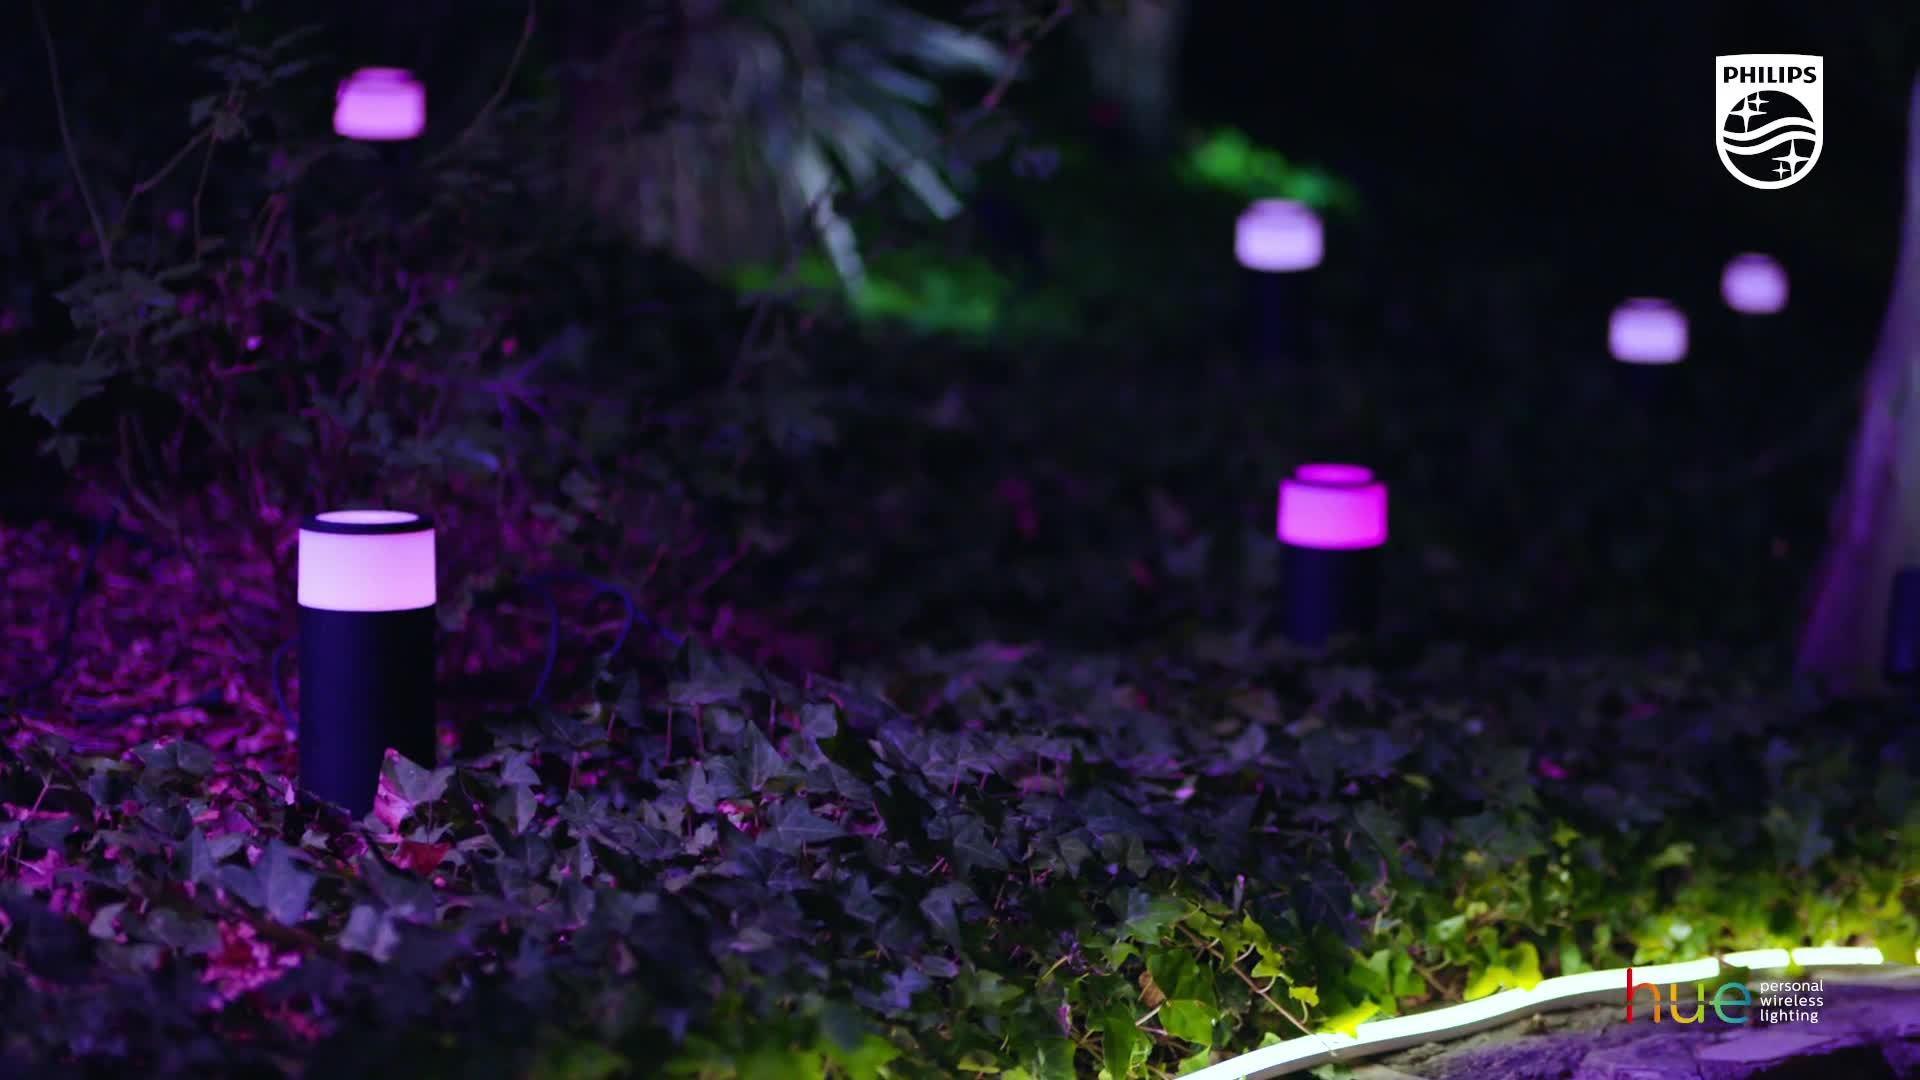 Hue poszerza swoją ofertę o oświetlenie ogrodowe i obsługę głosem 23